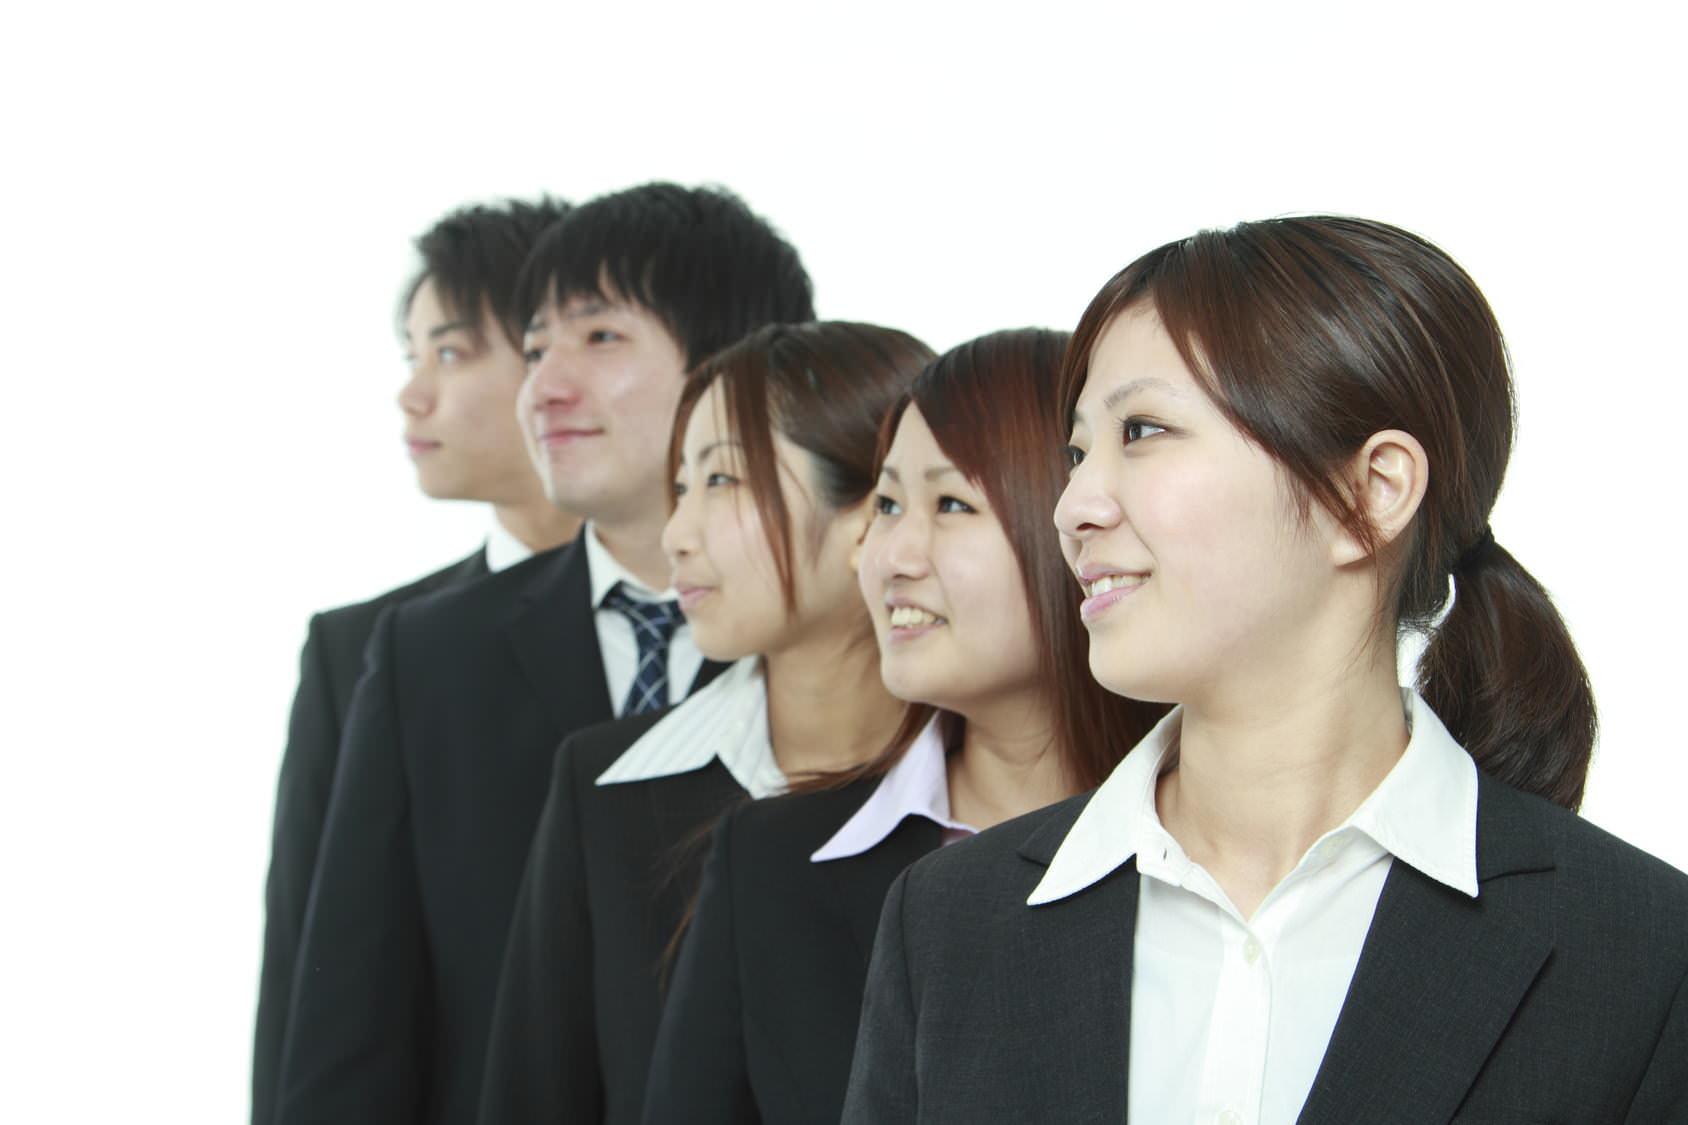 大学 入学式 スーツ 黒一色